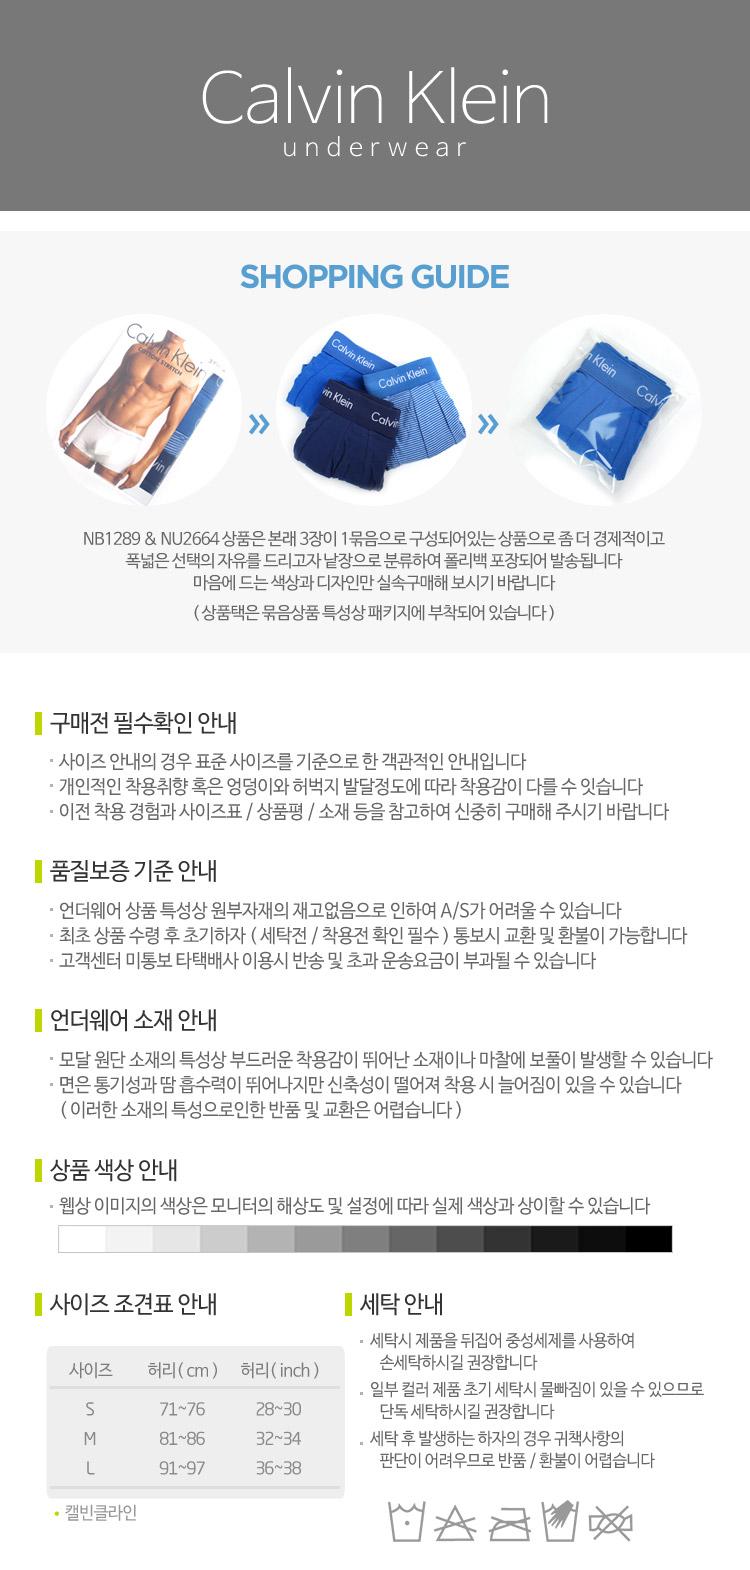 [캘빈클라인 언더웨어] ★양말 사은품증정★ 인기드로즈 모음전